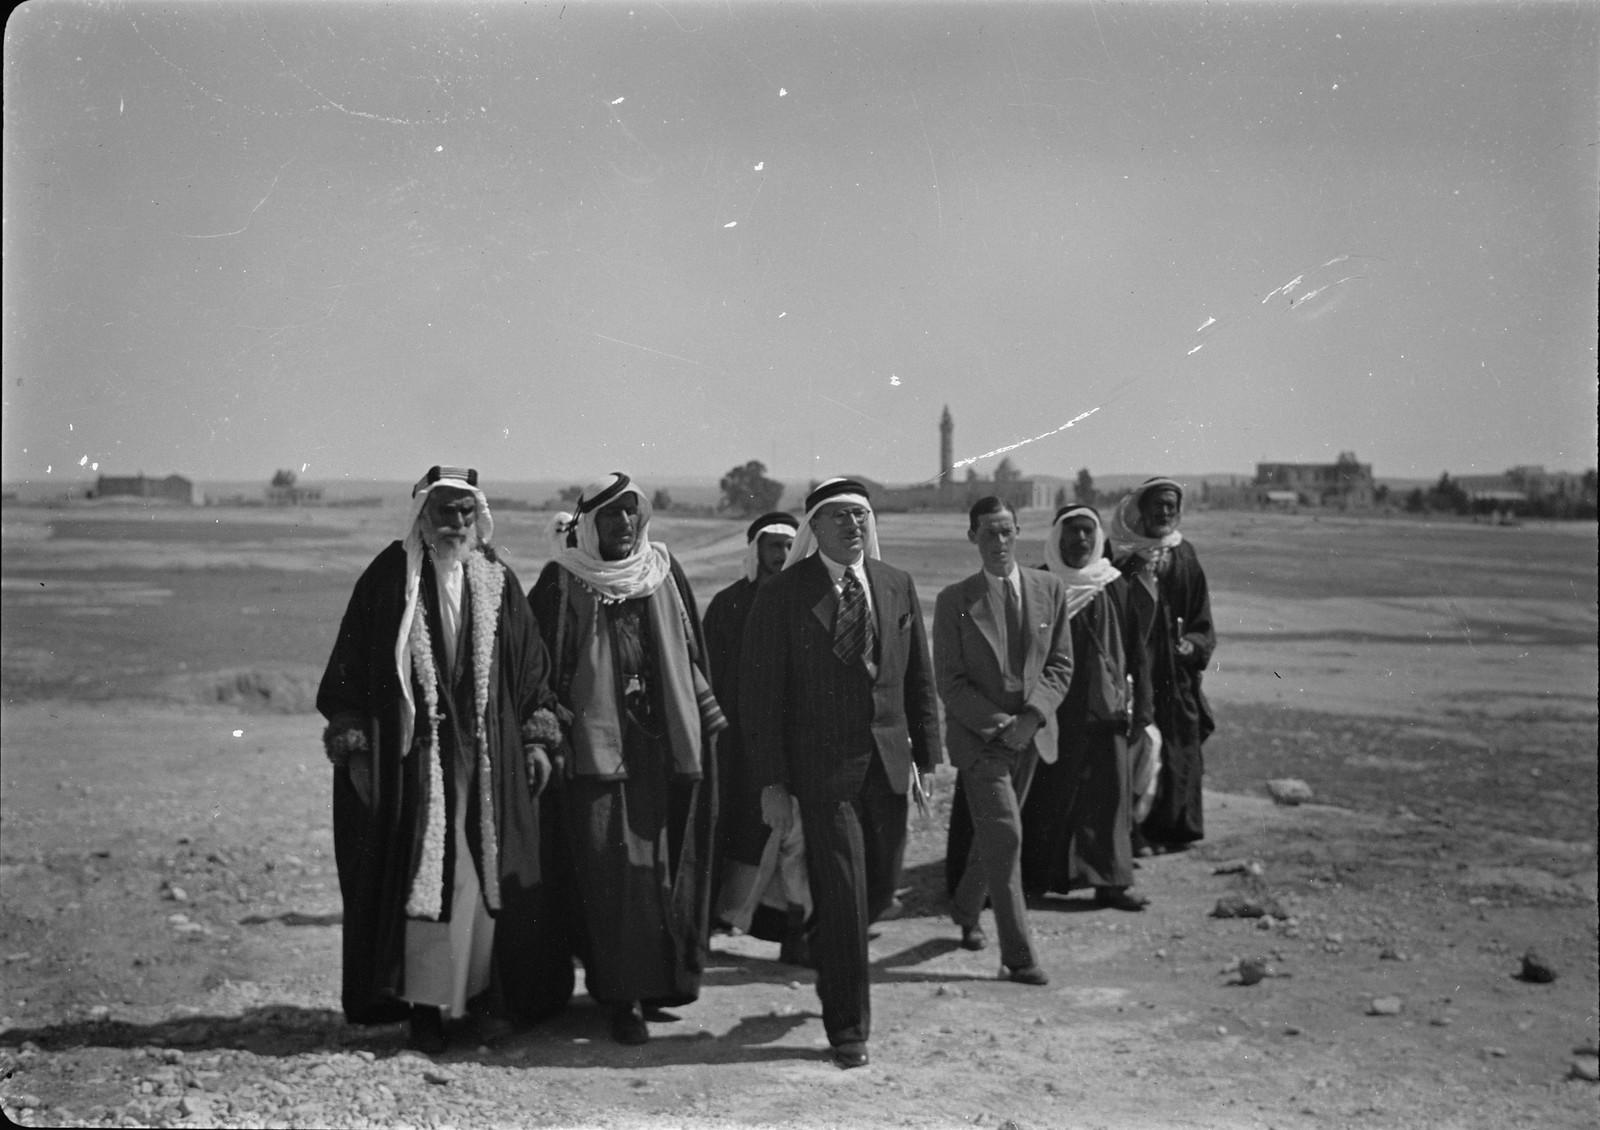 01. Бриг. Генерал Аллен и сотрудники с бедуинскими шейхами и начальником станции